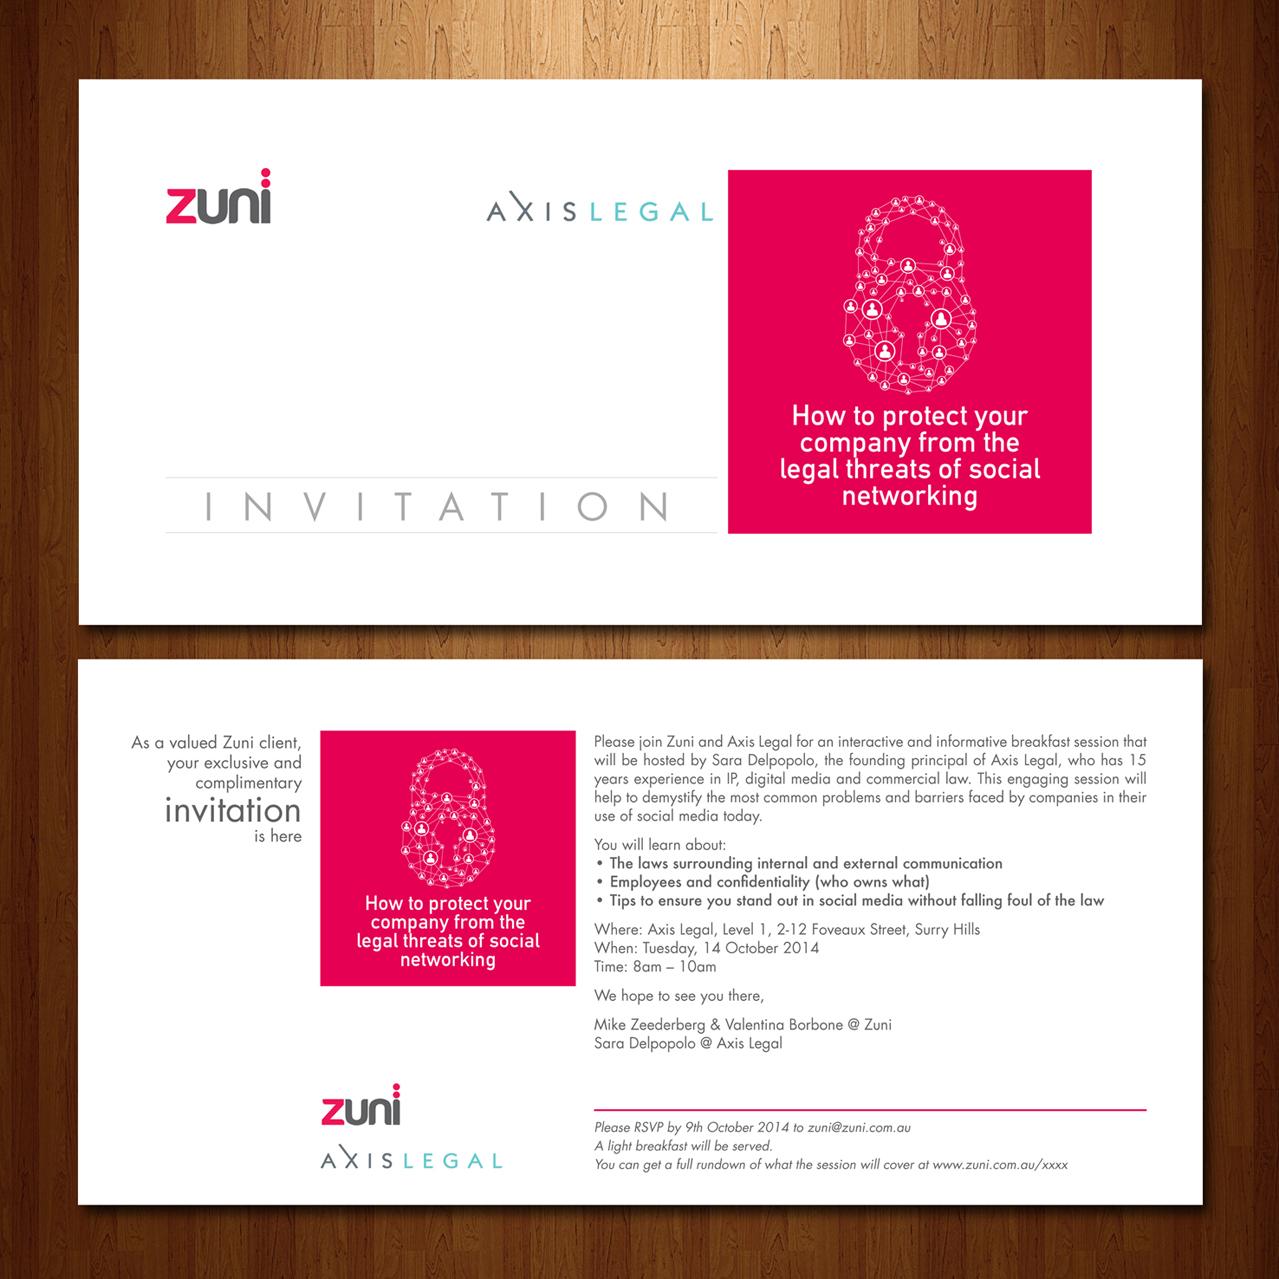 Invitation design for zuni by benoipaul design 4519170 invitation design by benoipaul for social media breakfast invite design 4519170 stopboris Images